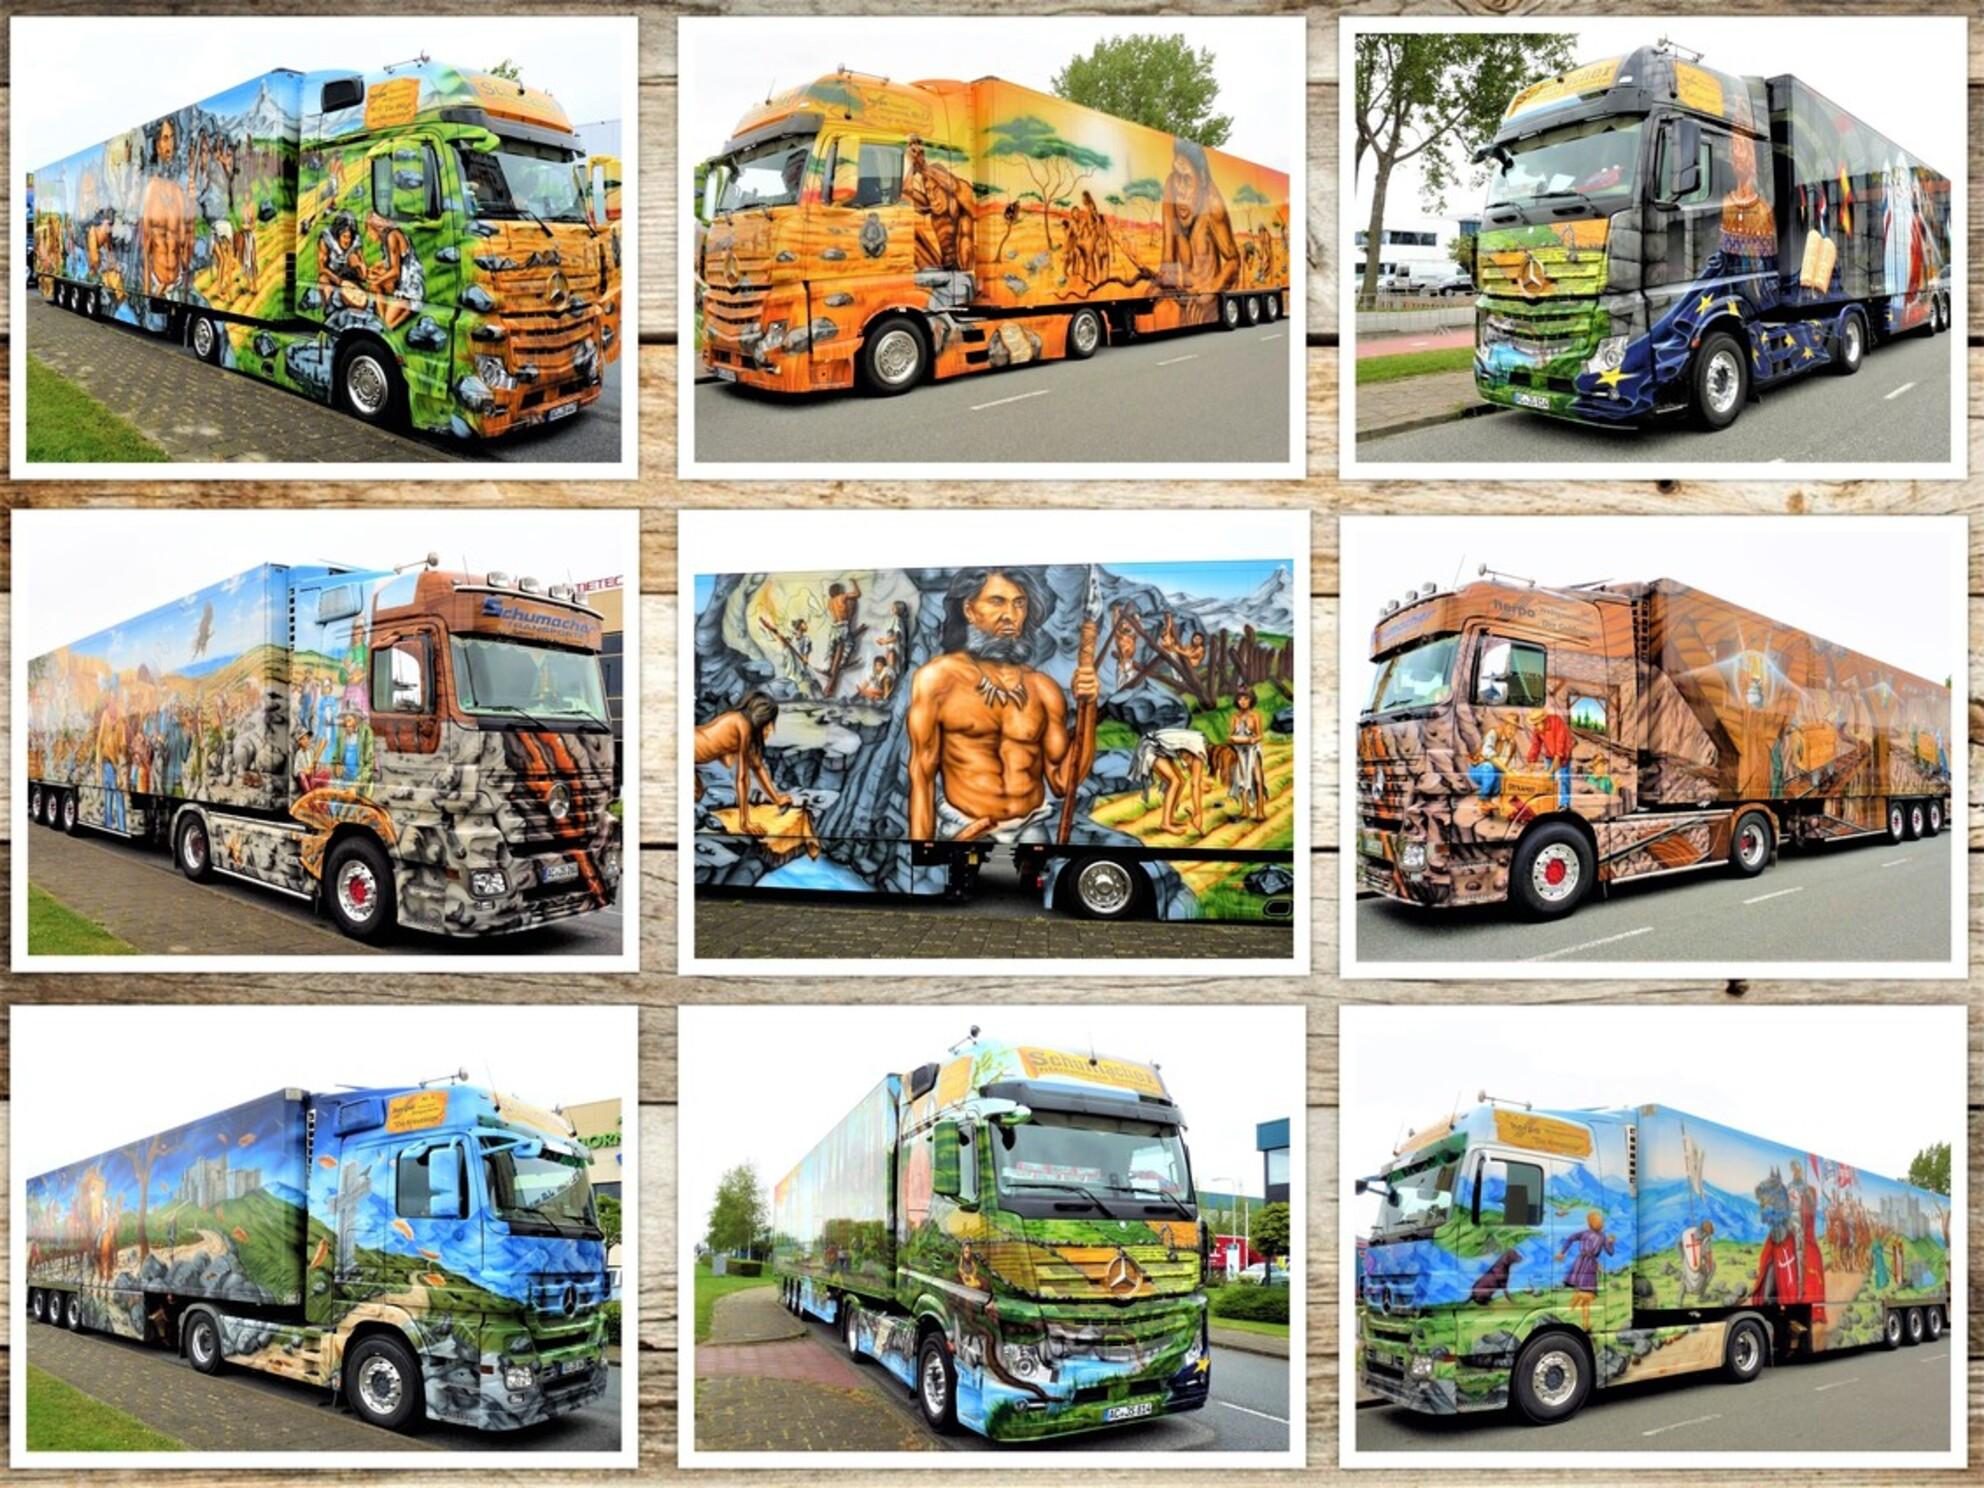 collage Truckwereldgroep 10 jaar actief Toetje foto TEKNO event 23mei 2015 - Hallo Zoomers, GROOT kijken en even lezen . Afgelopen week was mijn thema Truckwereld groep 10 jaar Actief op zoom en dat deed ik met 10 Truck fotos  - foto door jmdries op 07-03-2021 - deze foto bevat: kleur, kunst, collage, voertuig, straatfotografie, transport, details, truckwereld groep 10 jaar actief - Deze foto mag gebruikt worden in een Zoom.nl publicatie